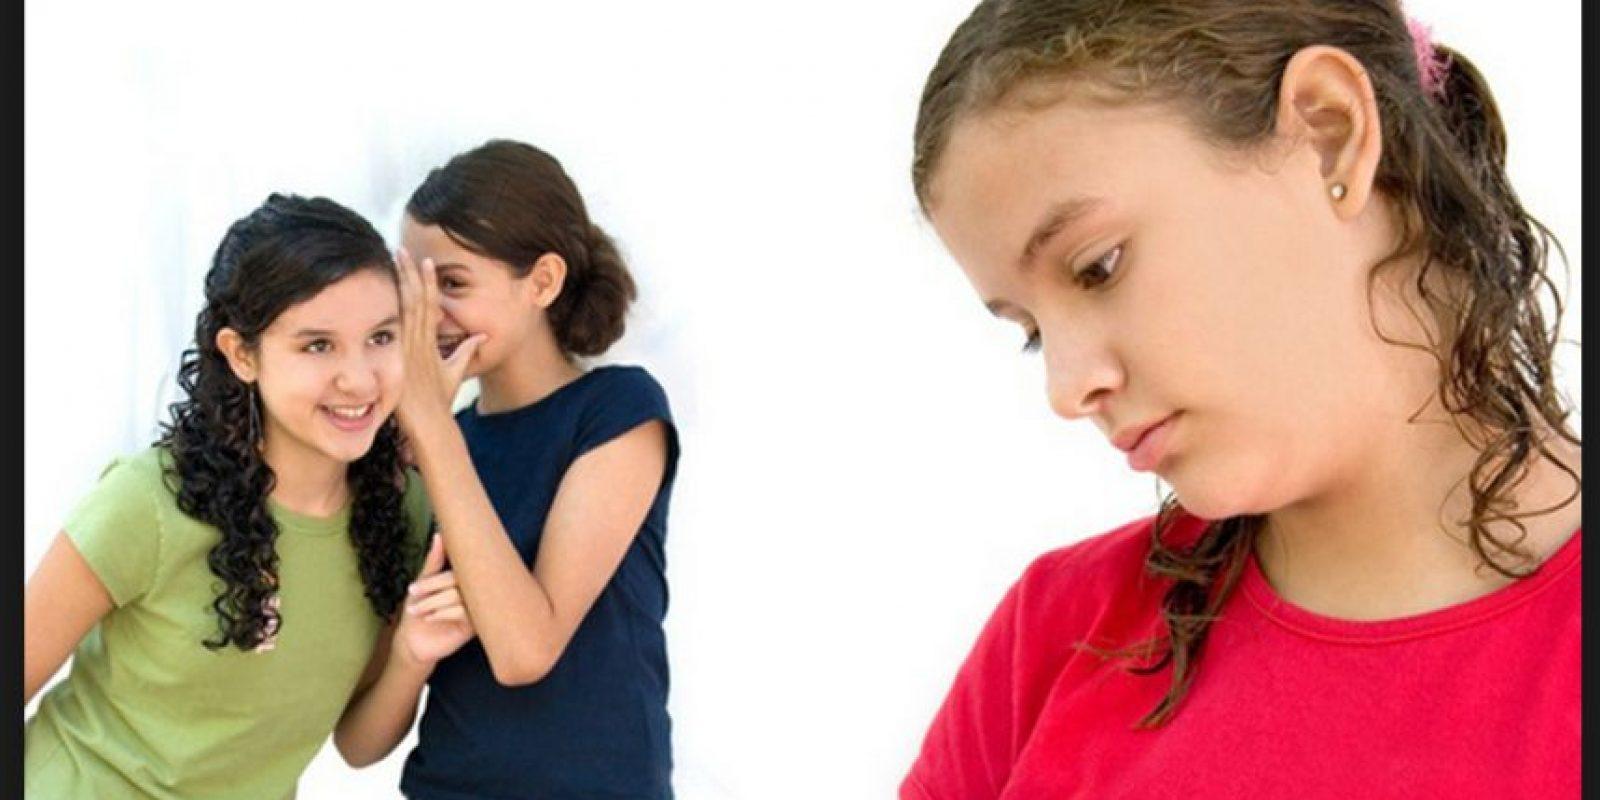 El bullying es la discriminación o segregación por cualquier índole y frecuentemente se presenta entre los adolescentes y jóvenes Foto:Wikicommons